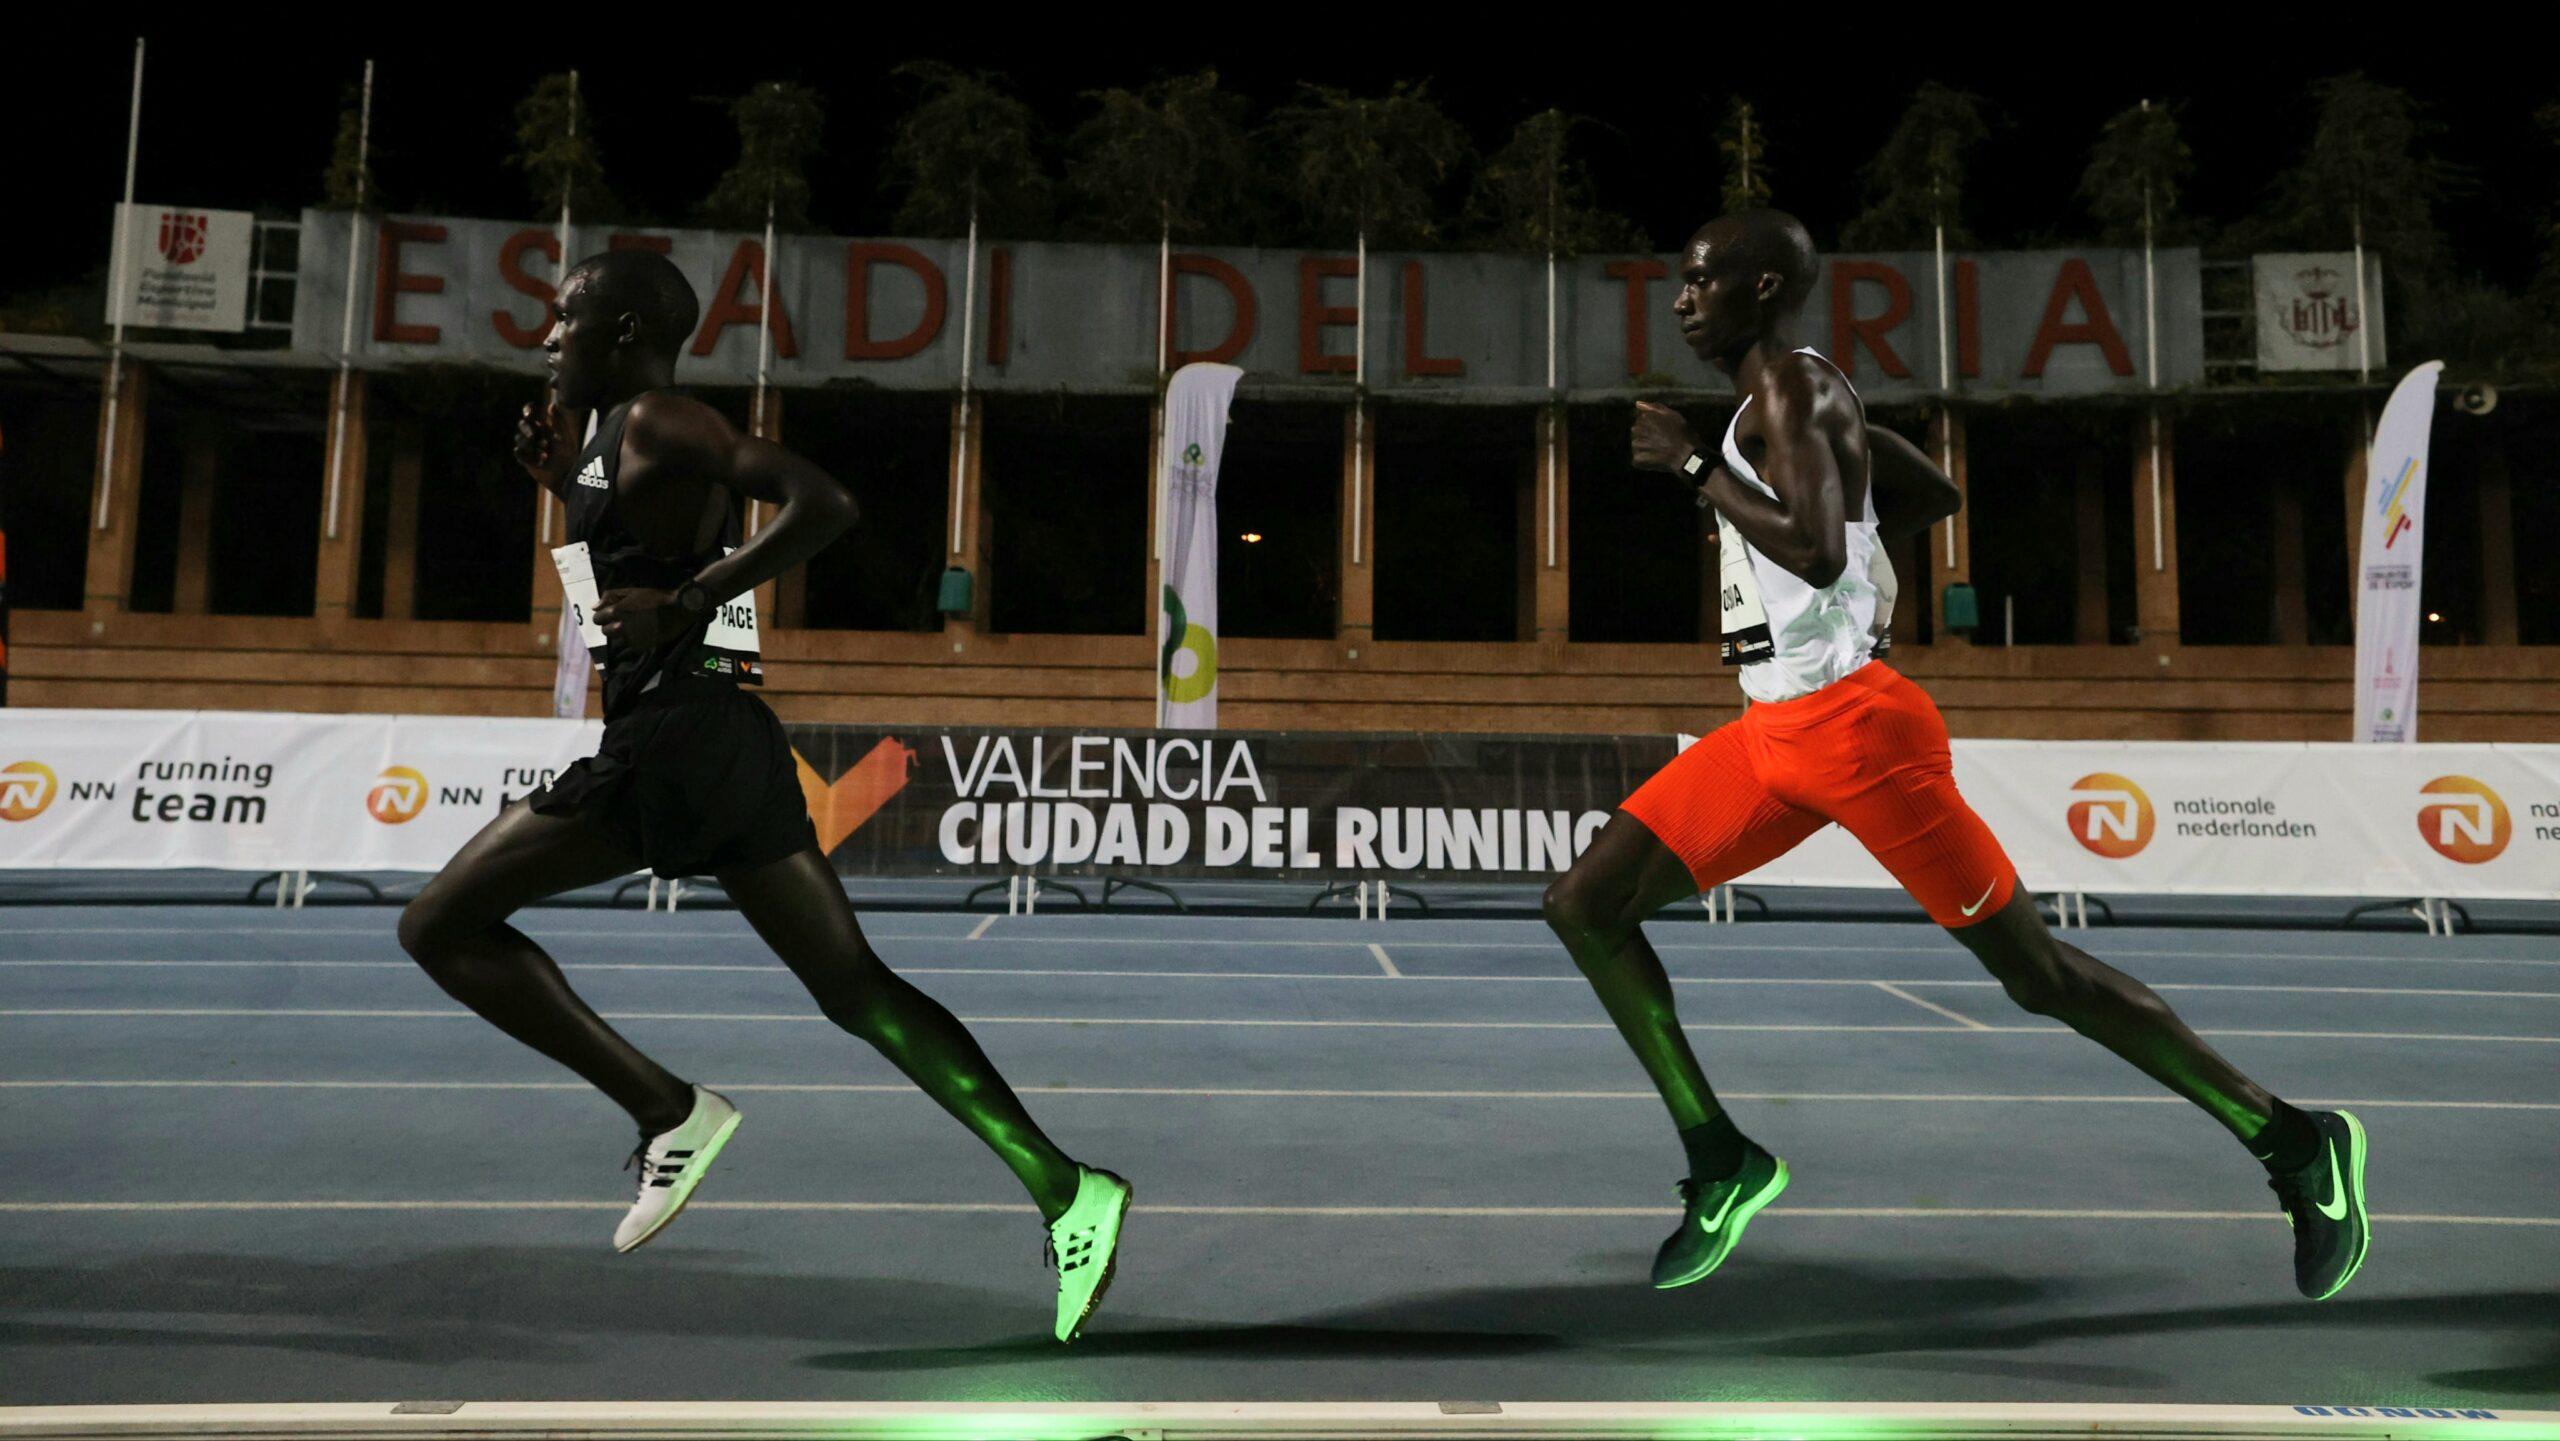 Parmi les dernières innovations technologiques en athlétisme figurent les lièvres lumineux dont l'utilisation s'est développée cet été sur plusieurs compétitions.